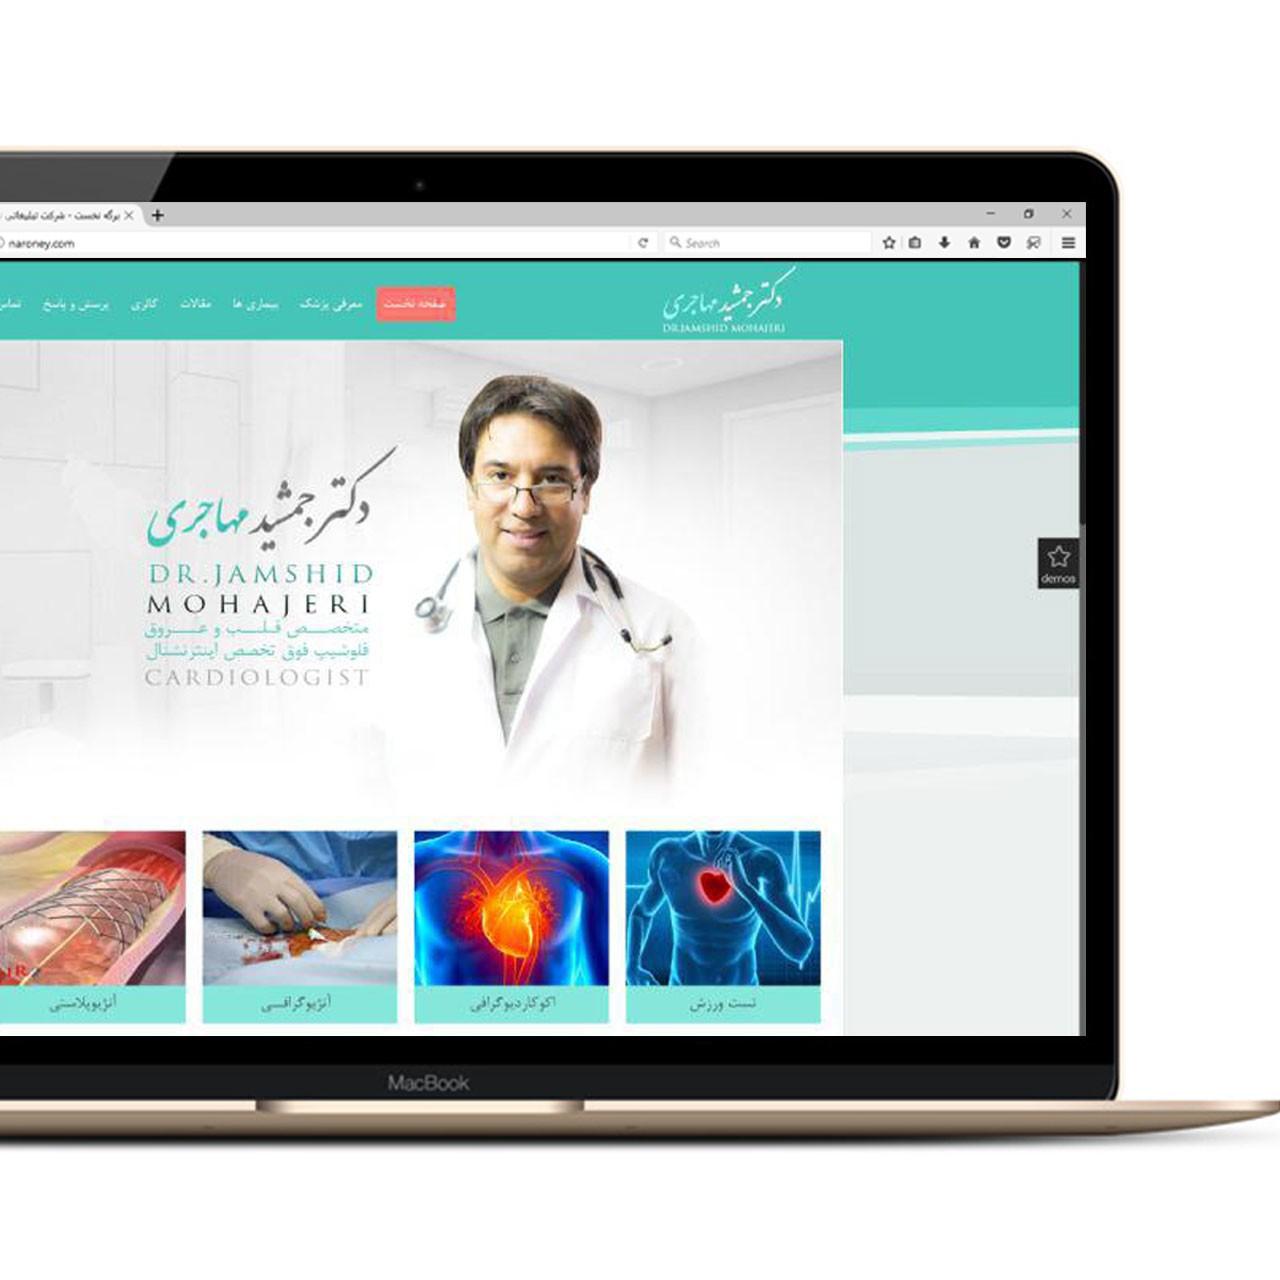 طراحی وب سایت دکتر مهاجری